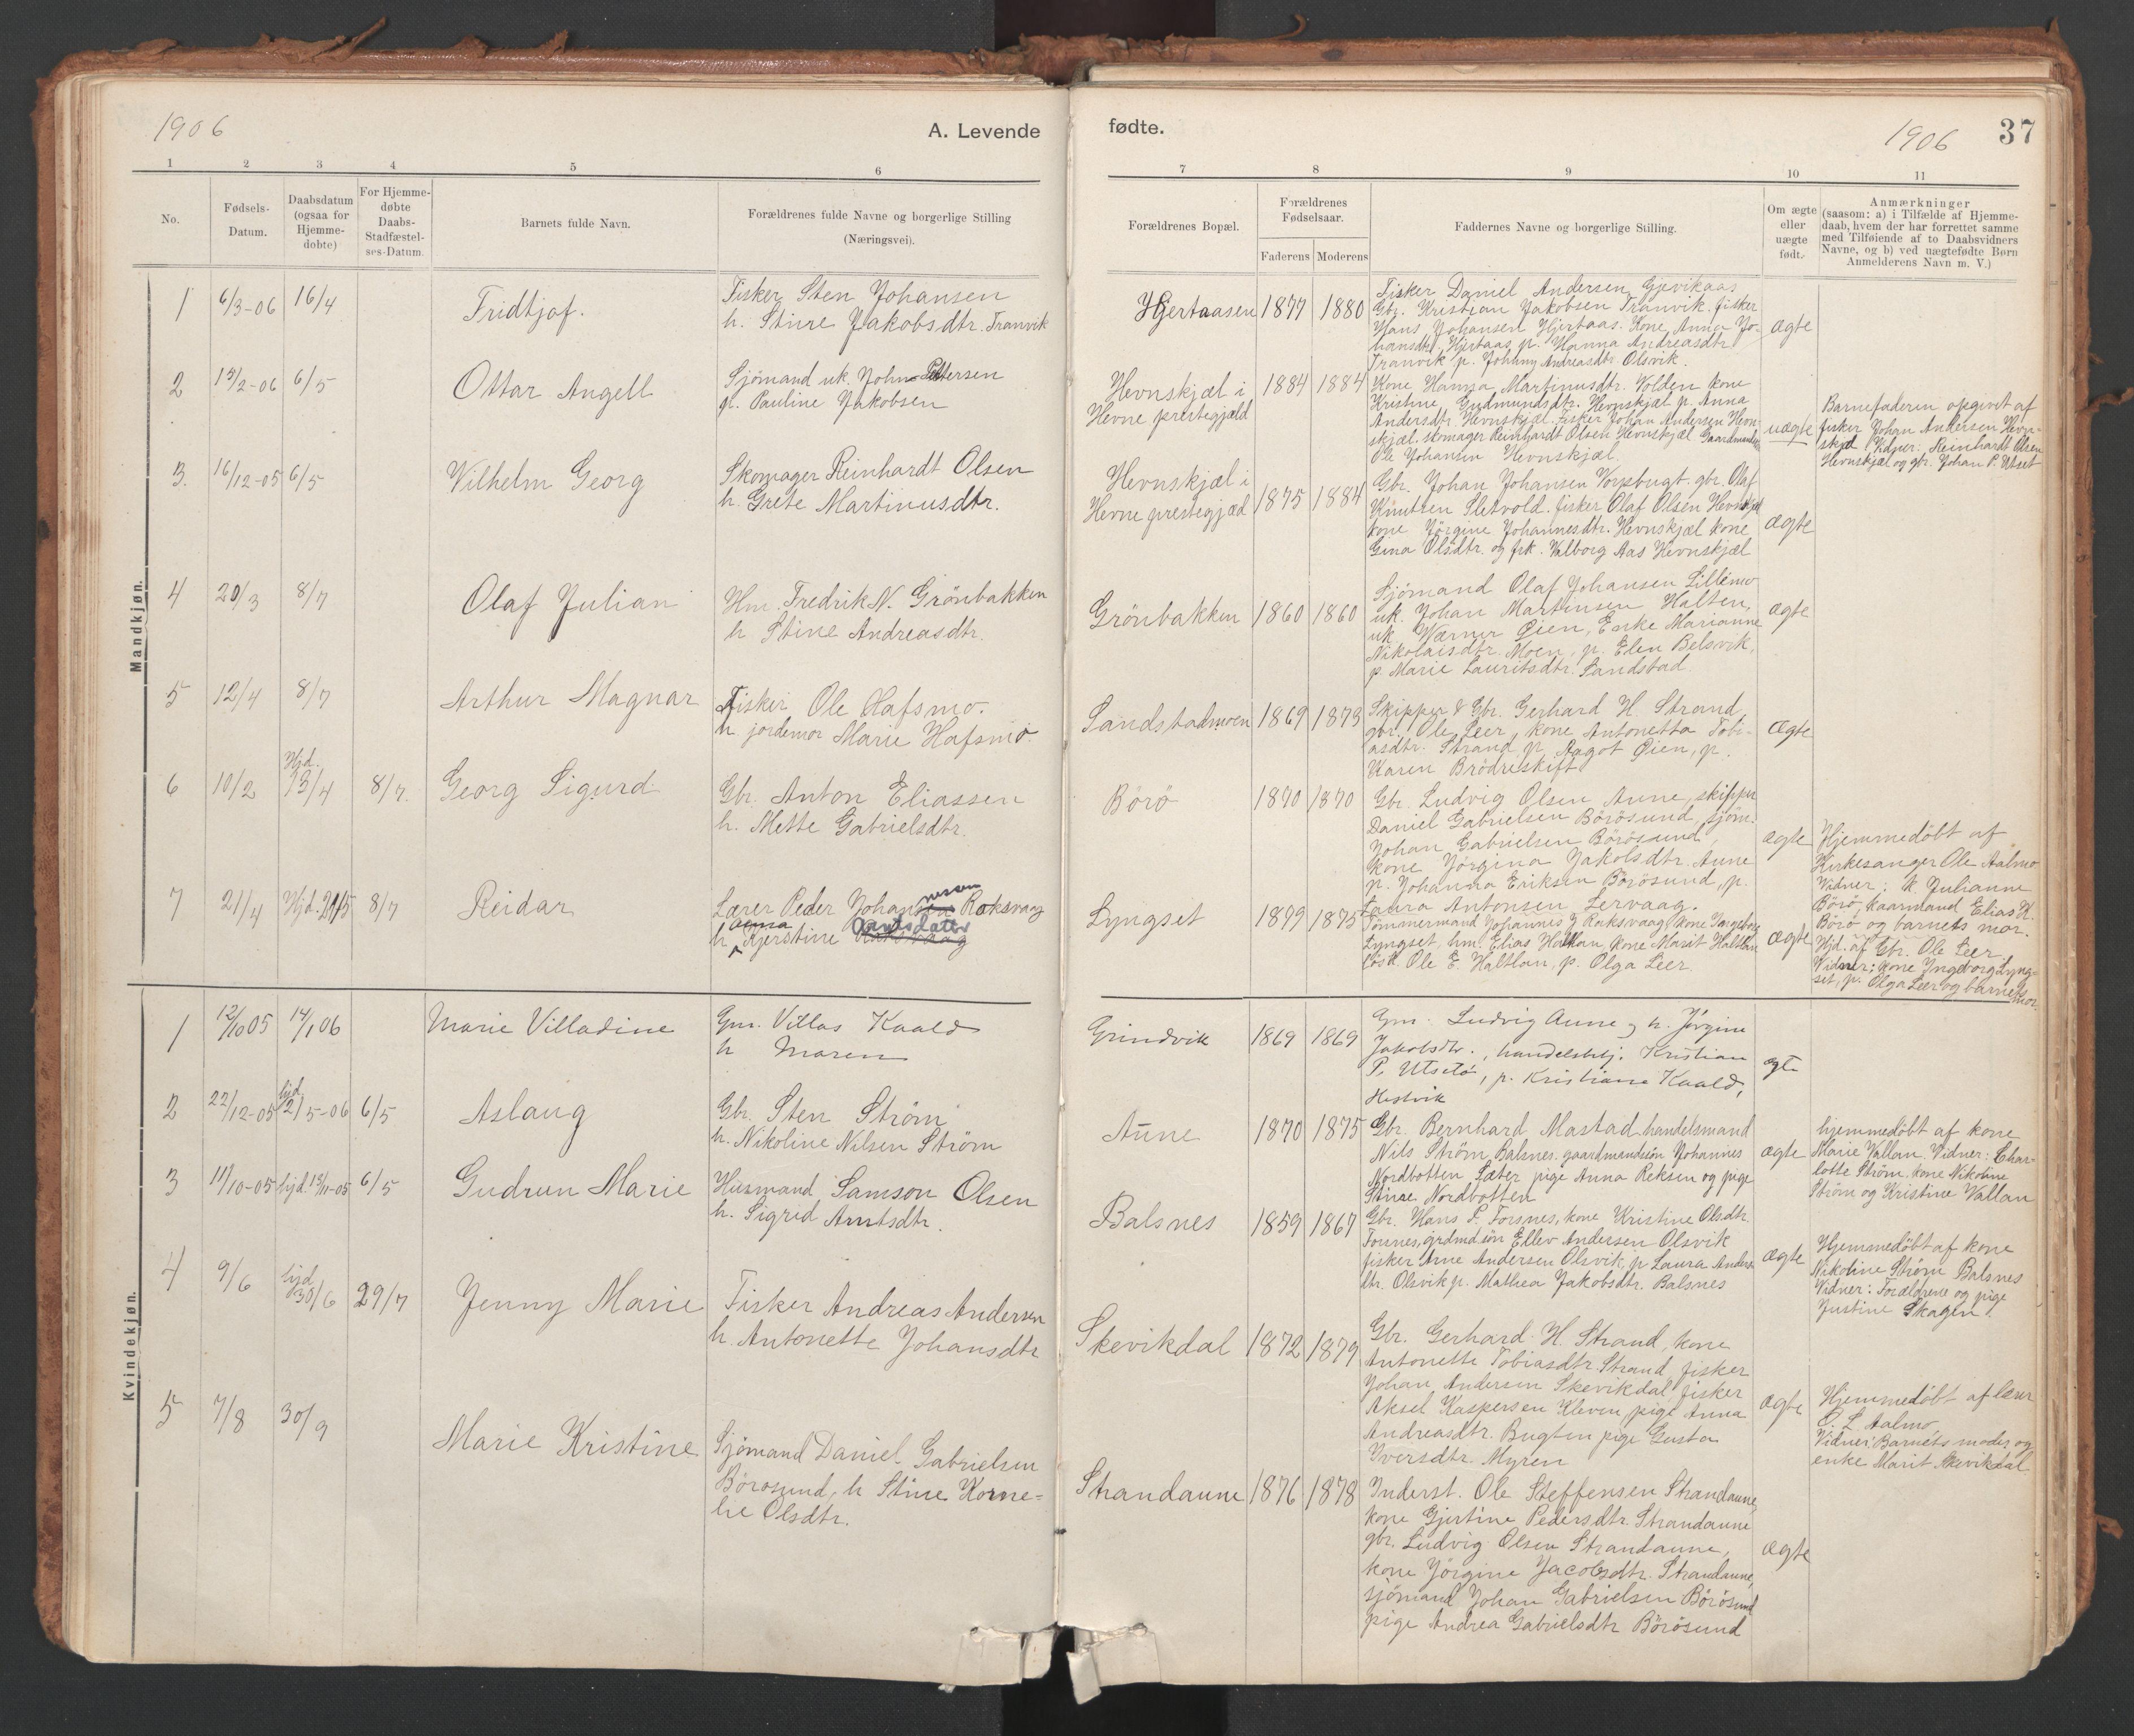 SAT, Ministerialprotokoller, klokkerbøker og fødselsregistre - Sør-Trøndelag, 639/L0572: Ministerialbok nr. 639A01, 1890-1920, s. 37